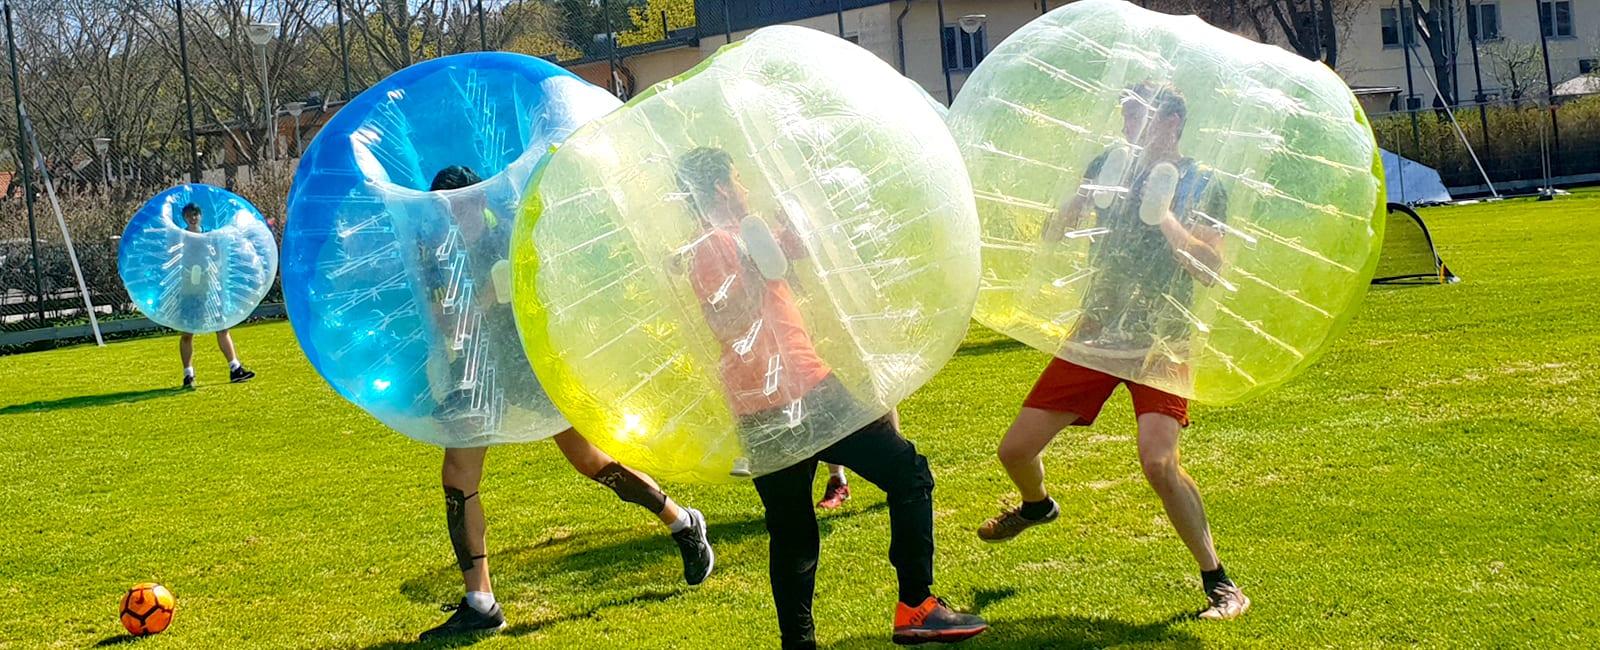 Spela Bubble Ball hos oss